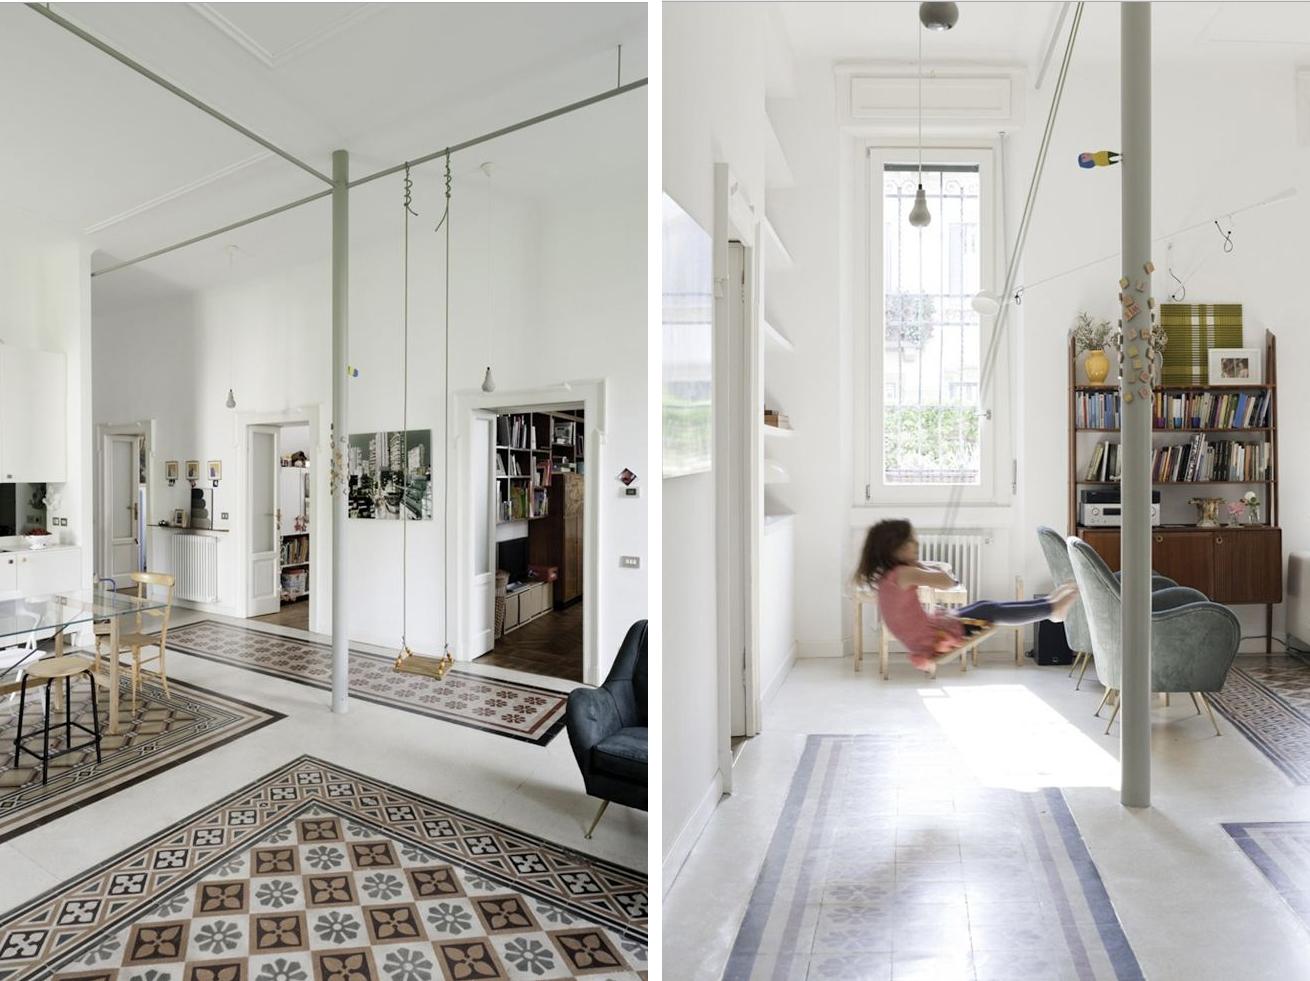 Appartamento Giulio Cesare Milano by Elena Tirinnanzi e Francesco Colorni  A...